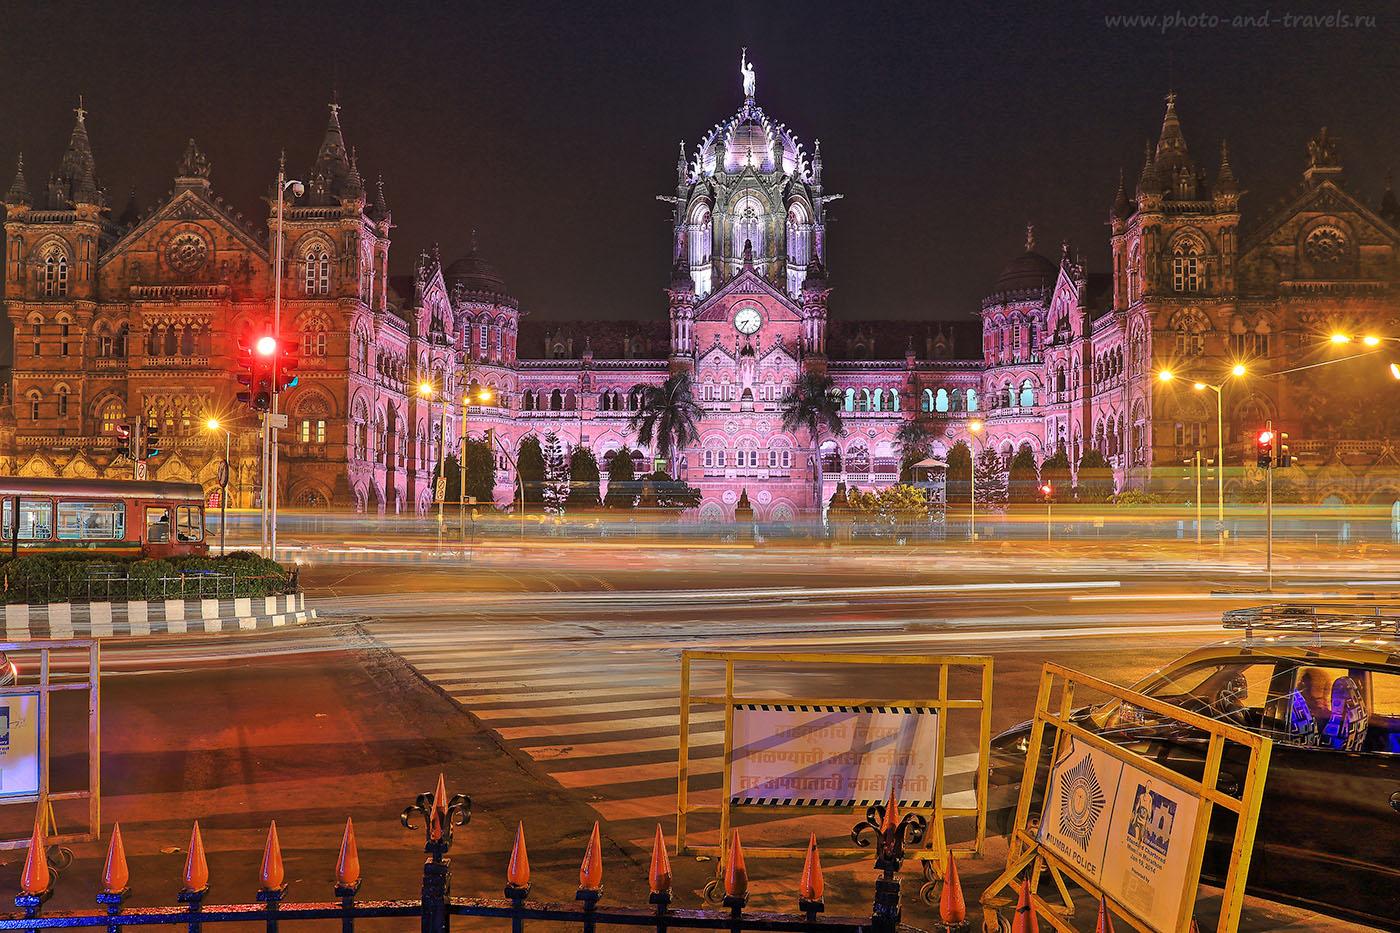 Фото №6. Вокзал Чхатрапати-Шиваджи (раньше назывался Виктория-Терминус). Отчет о самостоятельной экскурсии по Мумбаи. Отзывы туристов о поездке в Индию. (24-70, 10 сек., 1eV, f9, 24 mm, ISO 100, HDR)